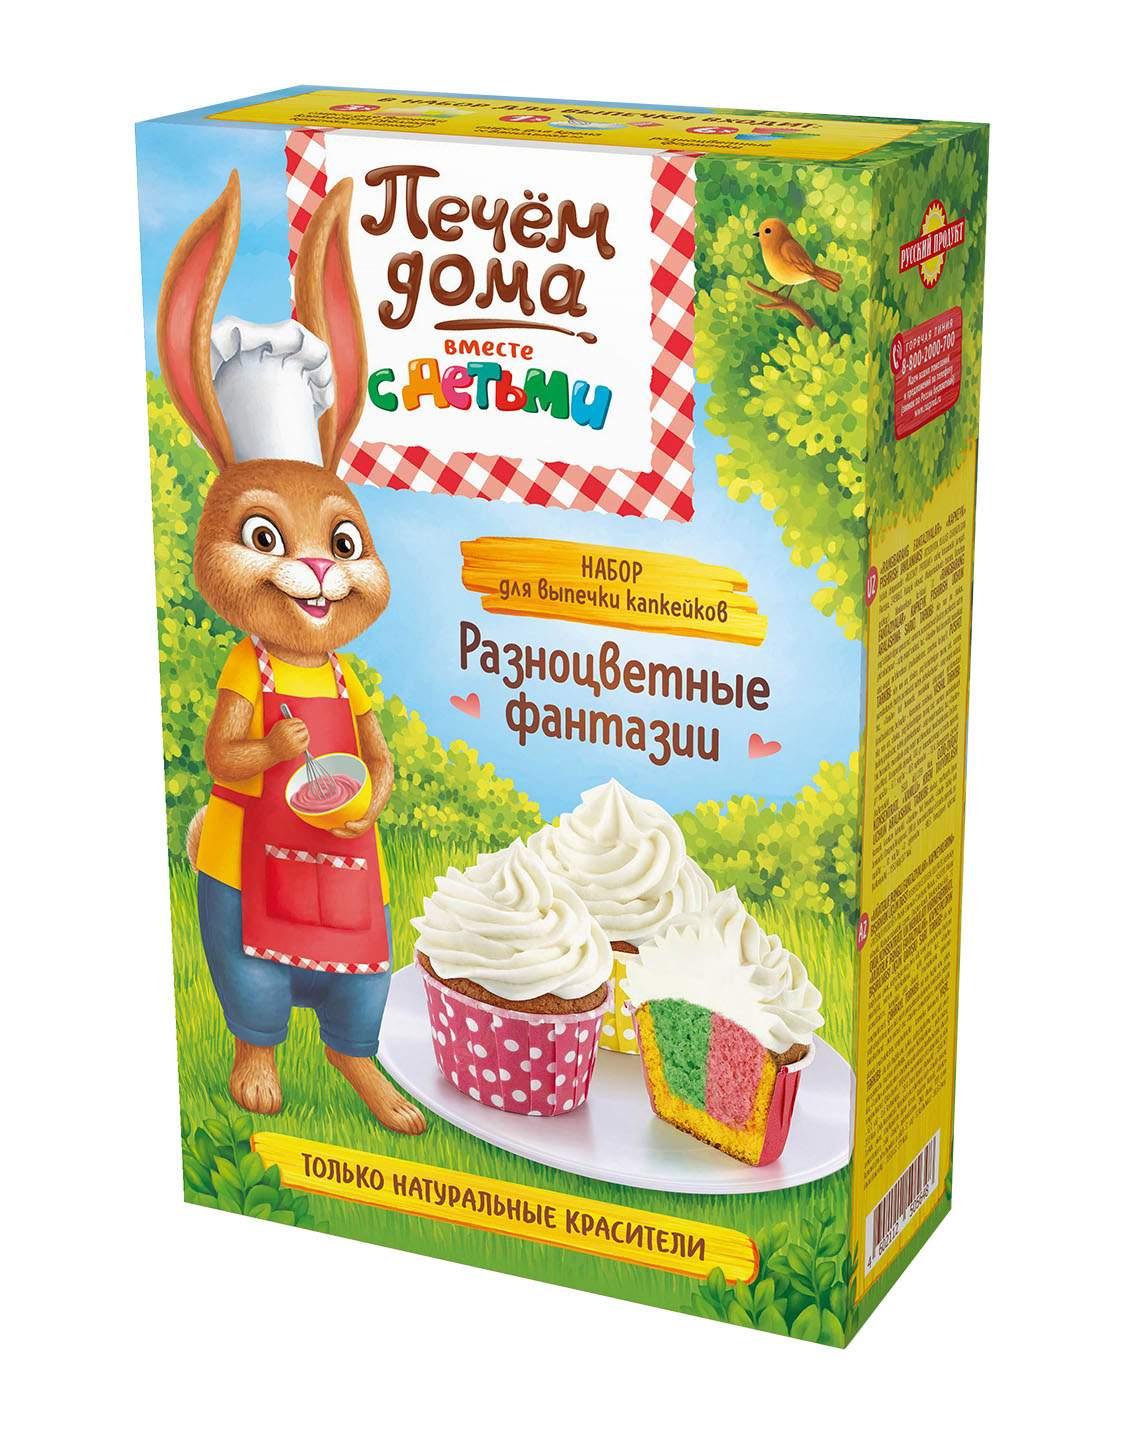 Набор для выпечки капкейков Печем дома разноцветные фантазии смесь крем 330 г